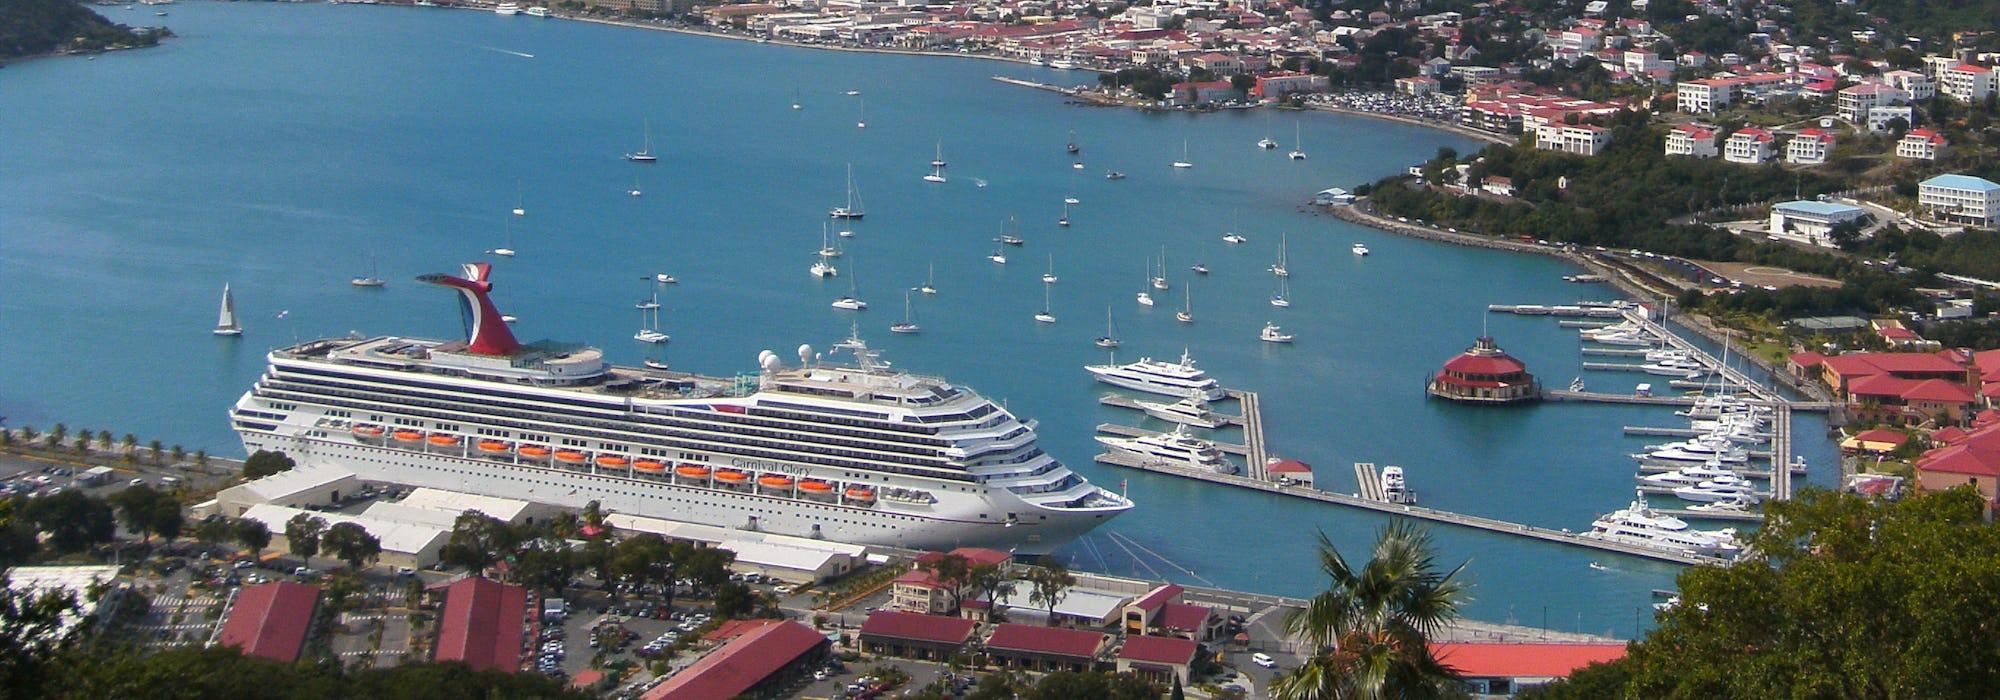 Carnival Glory ligger i hamn med höga berg och färgglada hus runtomkring.